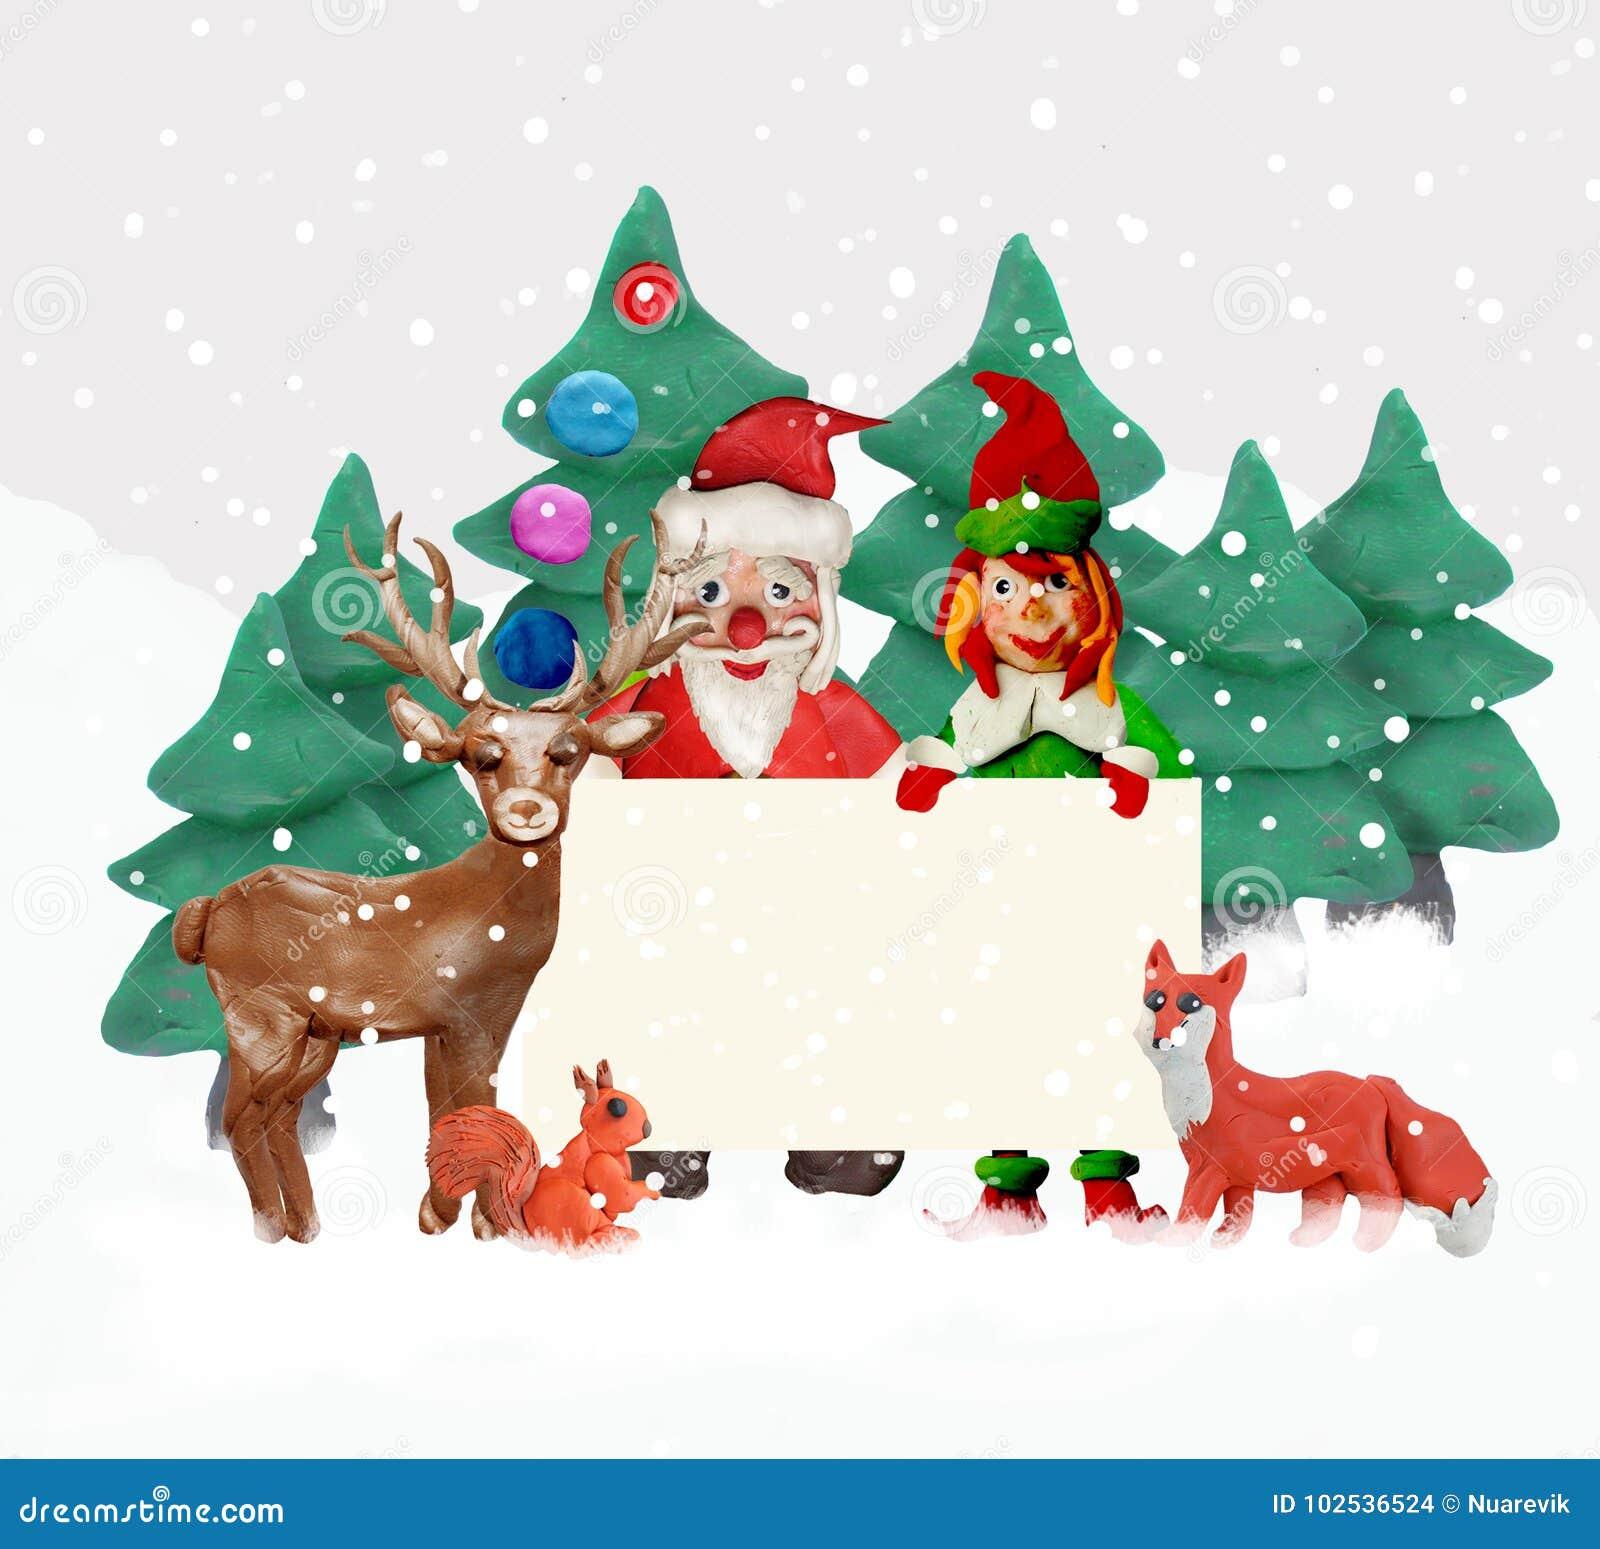 Auguri Di Natale 3d.Cartolina D Auguri Di Natale Della Plastilina 3d Con L Elfo